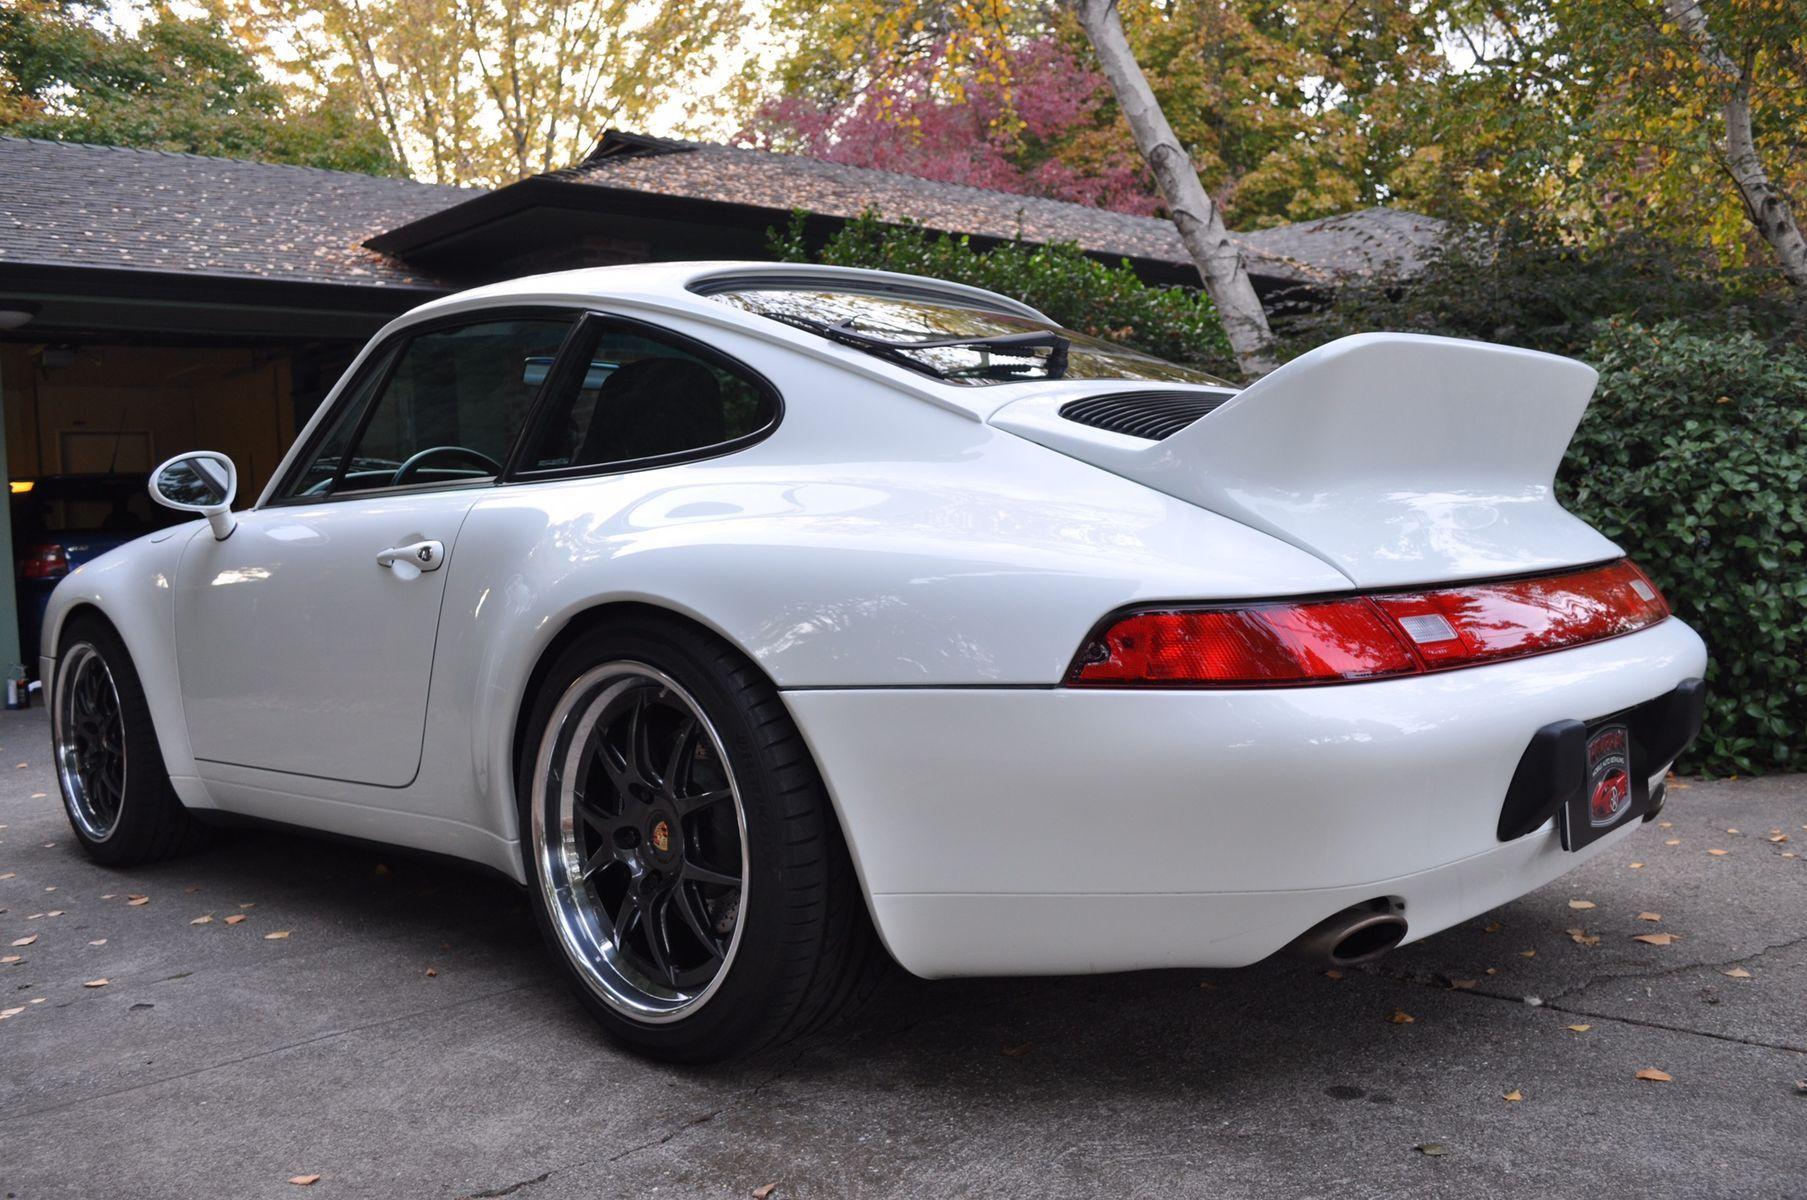 1995 Porsche 911 | Kate Cavell's 993 Porsche 911 on Forgeline GA3 Wheels